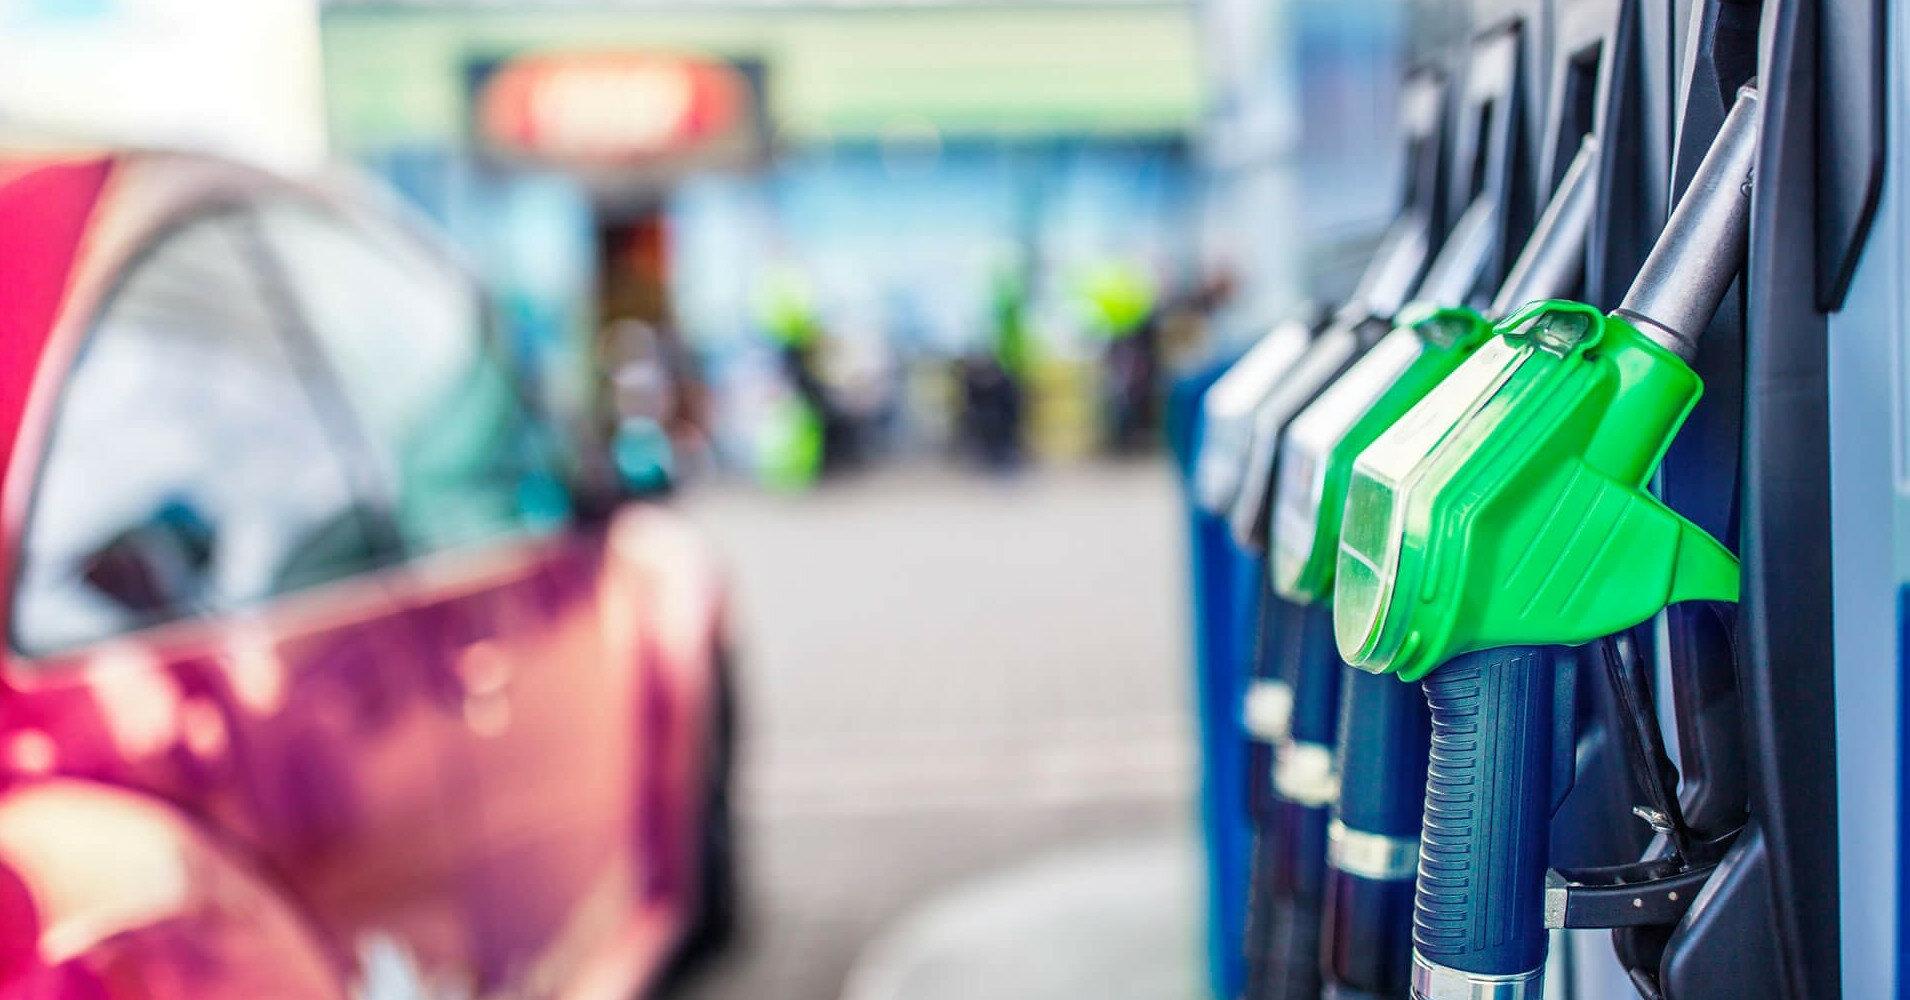 Цены на бензин и дизтопливо продолжили рост